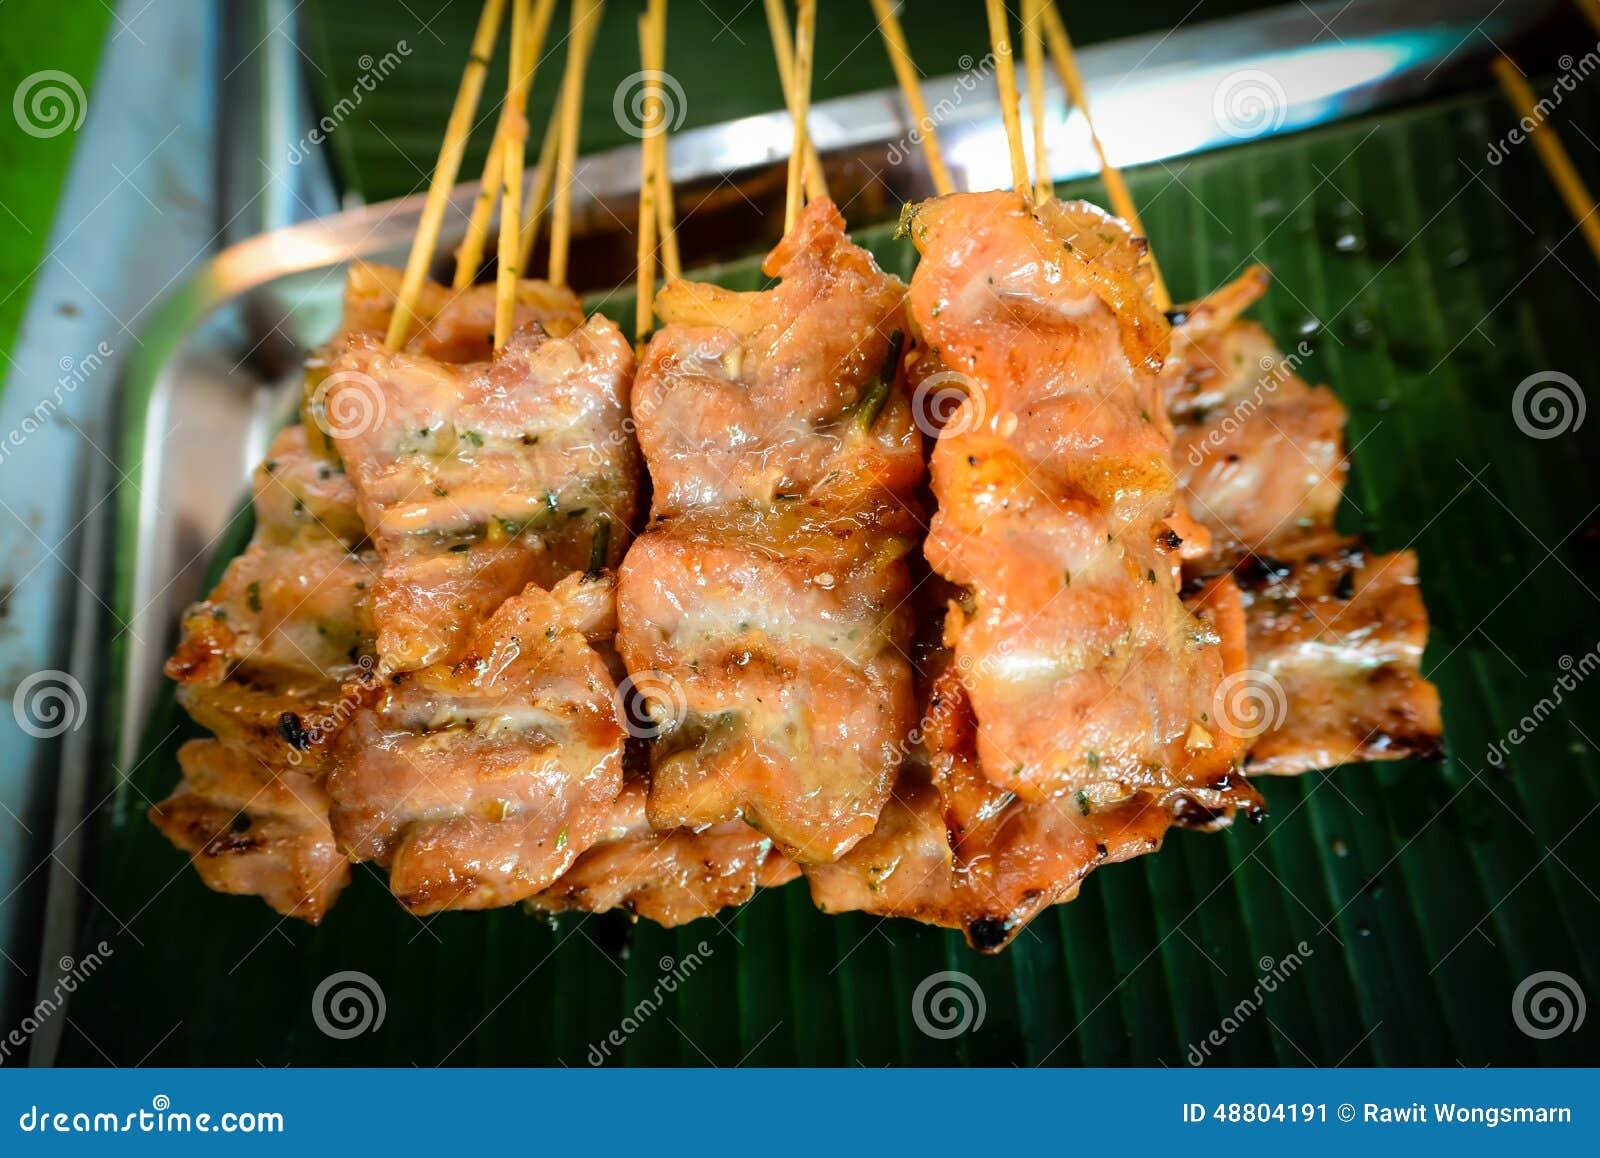 Тайское барбекю электрокамины без портала китайские